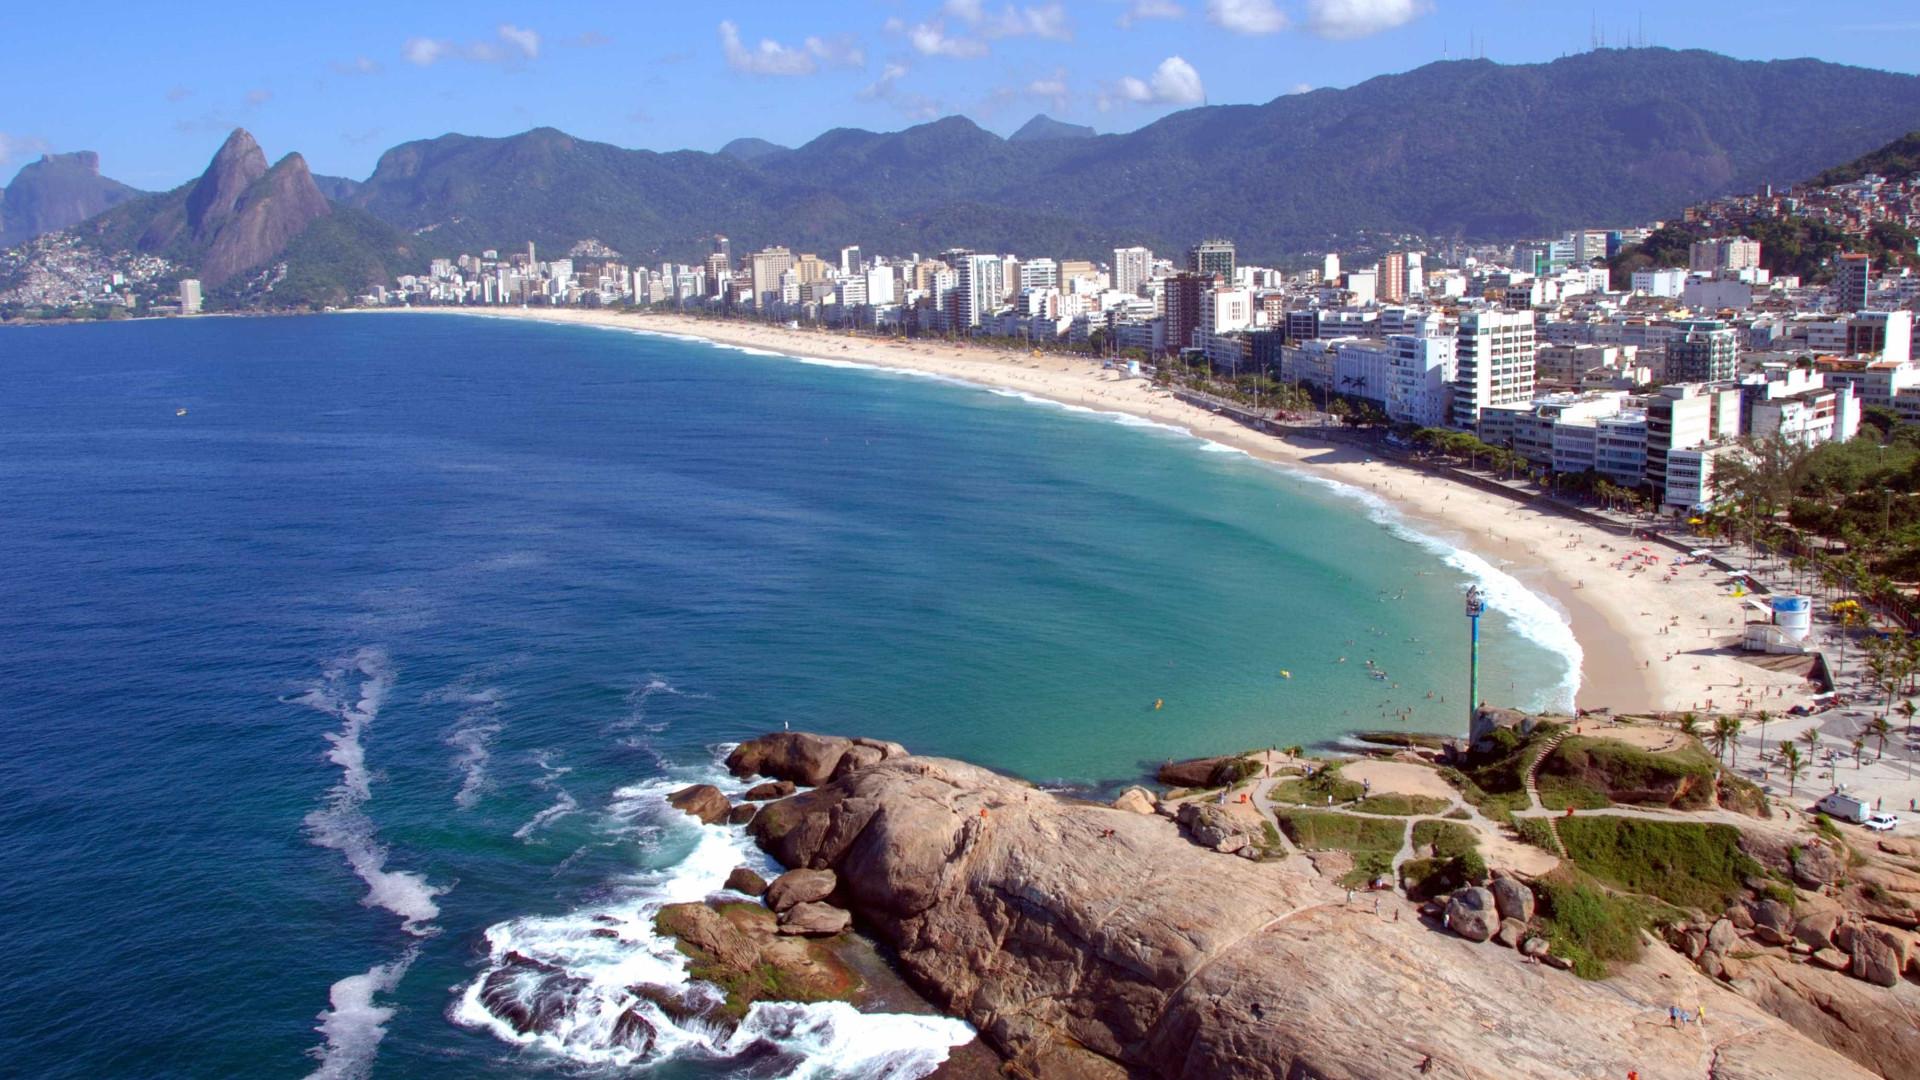 Projeto de preservação ambiental do Rio será reproduzido em todo o país